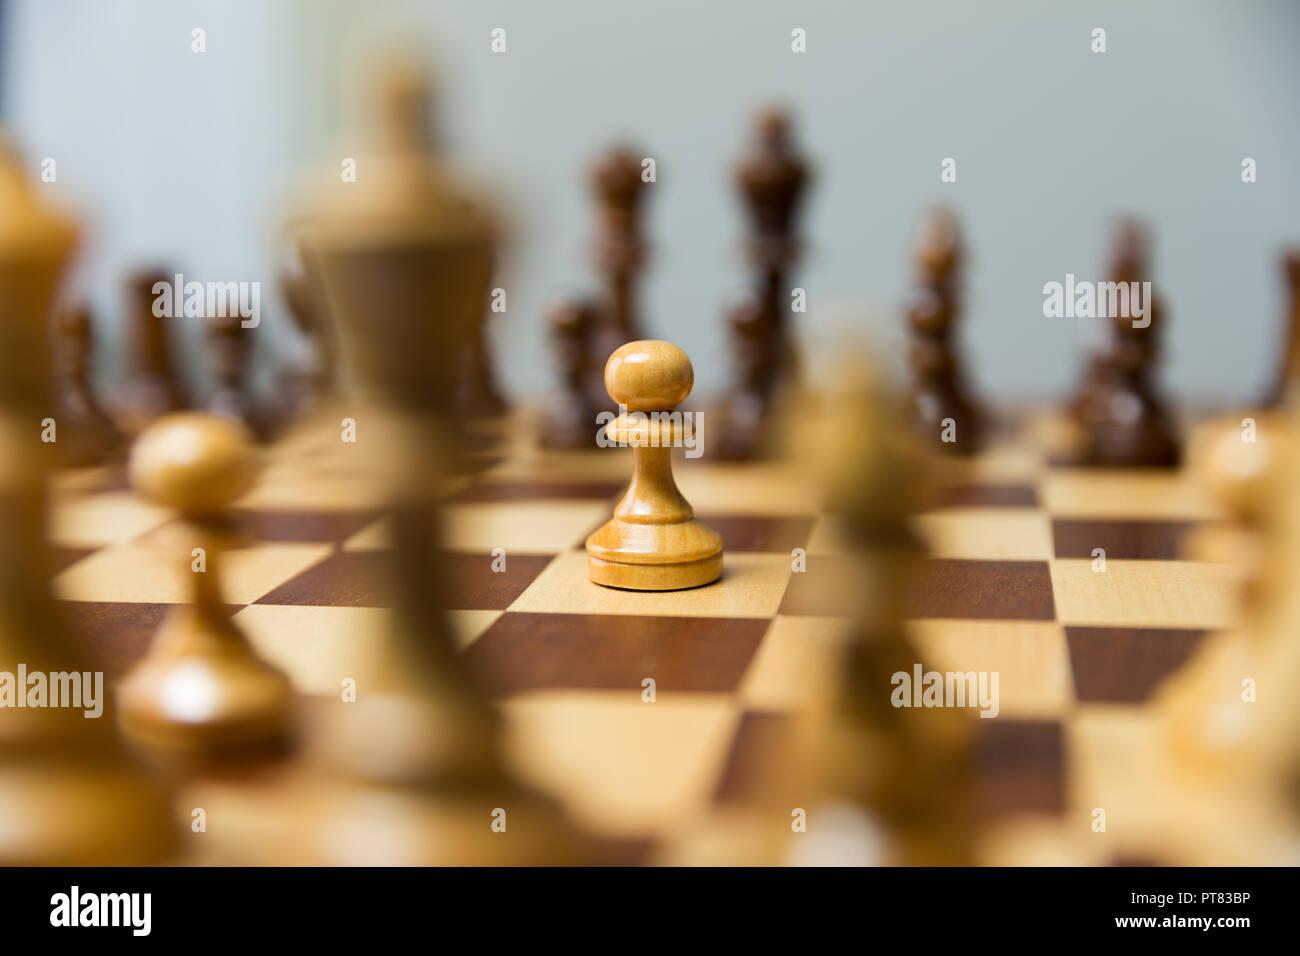 Pedina in piedi nel centro della scacchiera. Coraggio e concetto di leadership. Immagini Stock